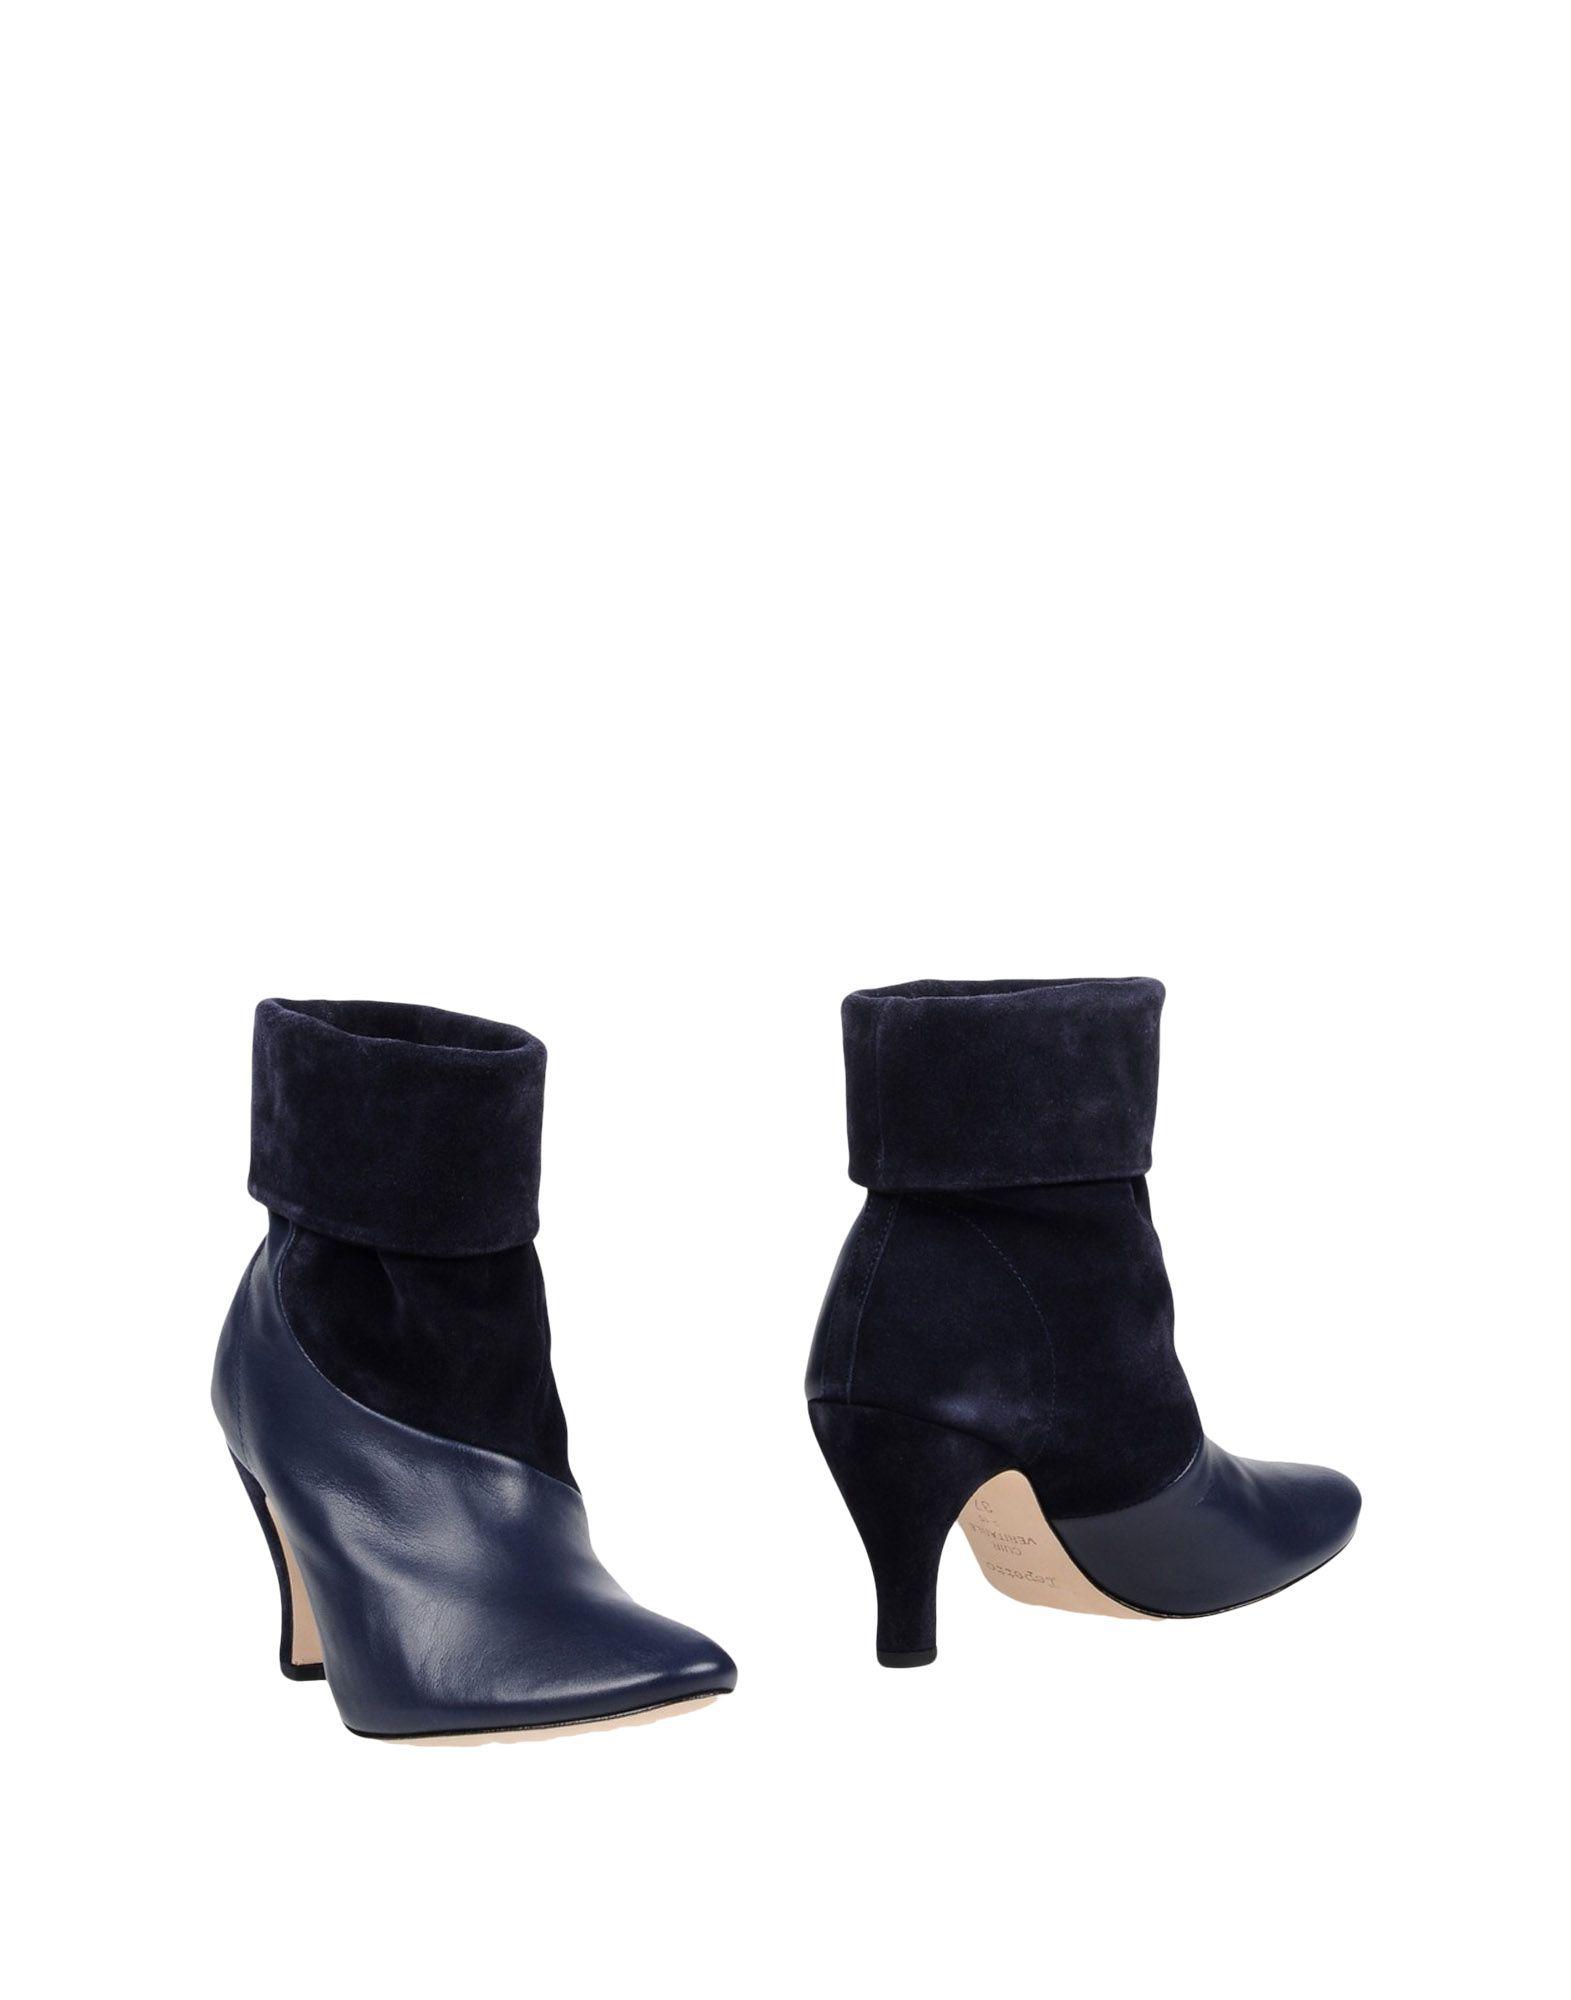 Repetto Stiefelette strapazierfähige Damen  11427807FXGut aussehende strapazierfähige Stiefelette Schuhe 35a40a